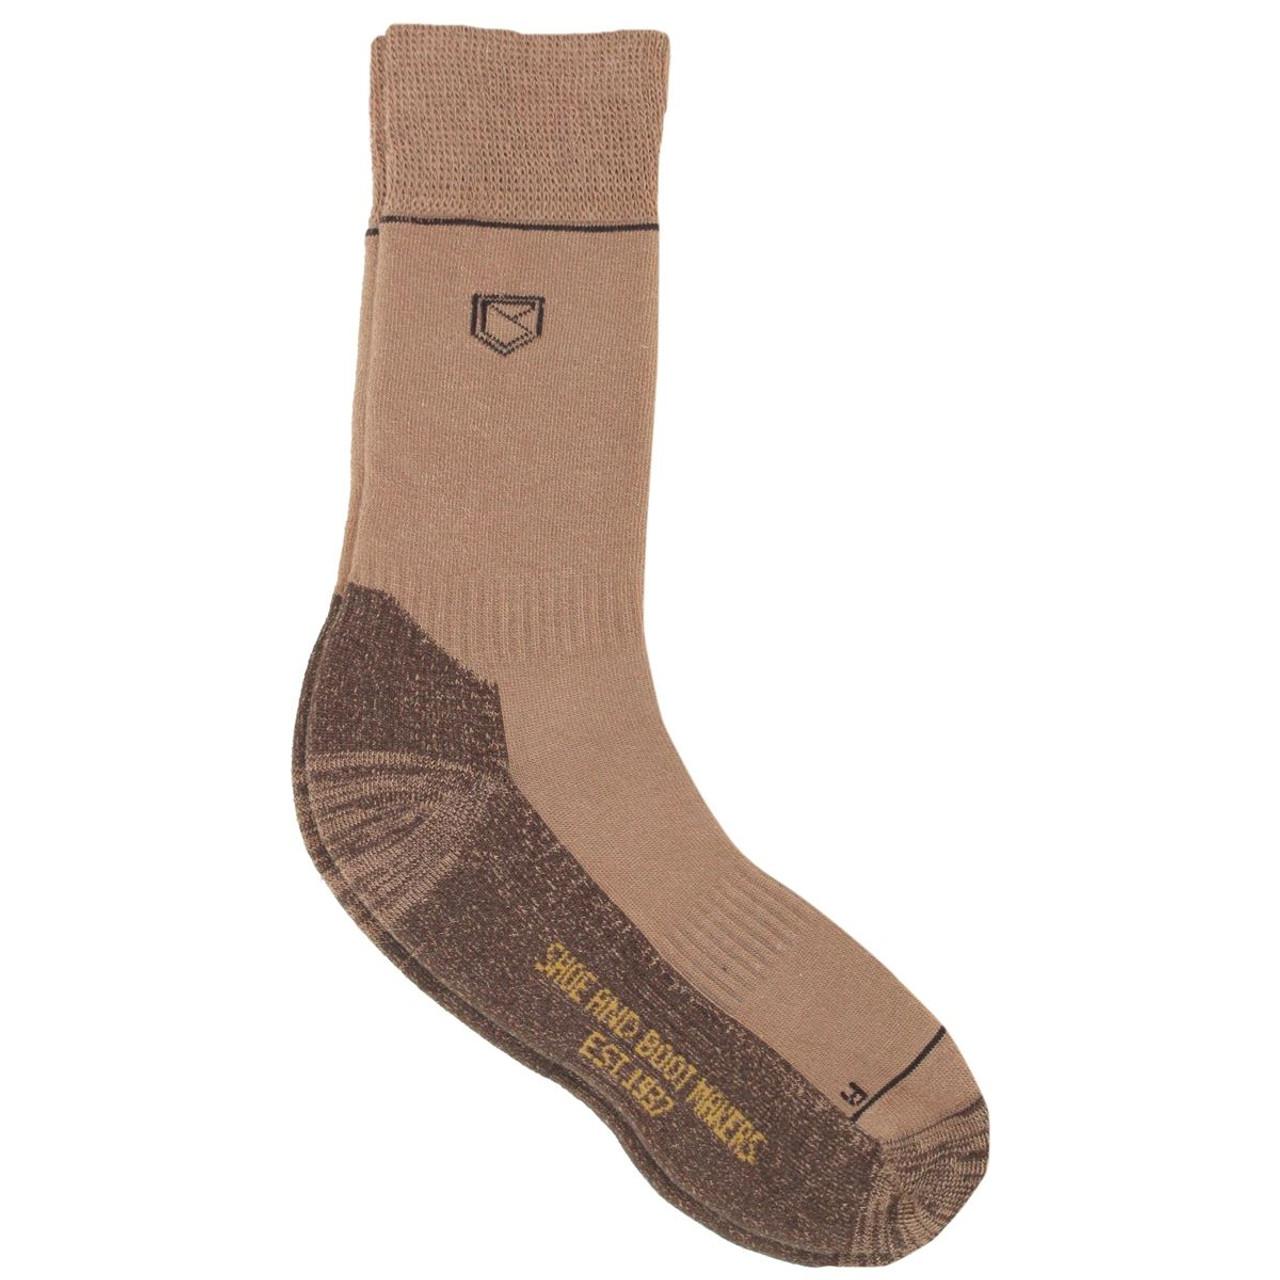 Dubarry Kilkee Short PrimaLoft Socks in Sand